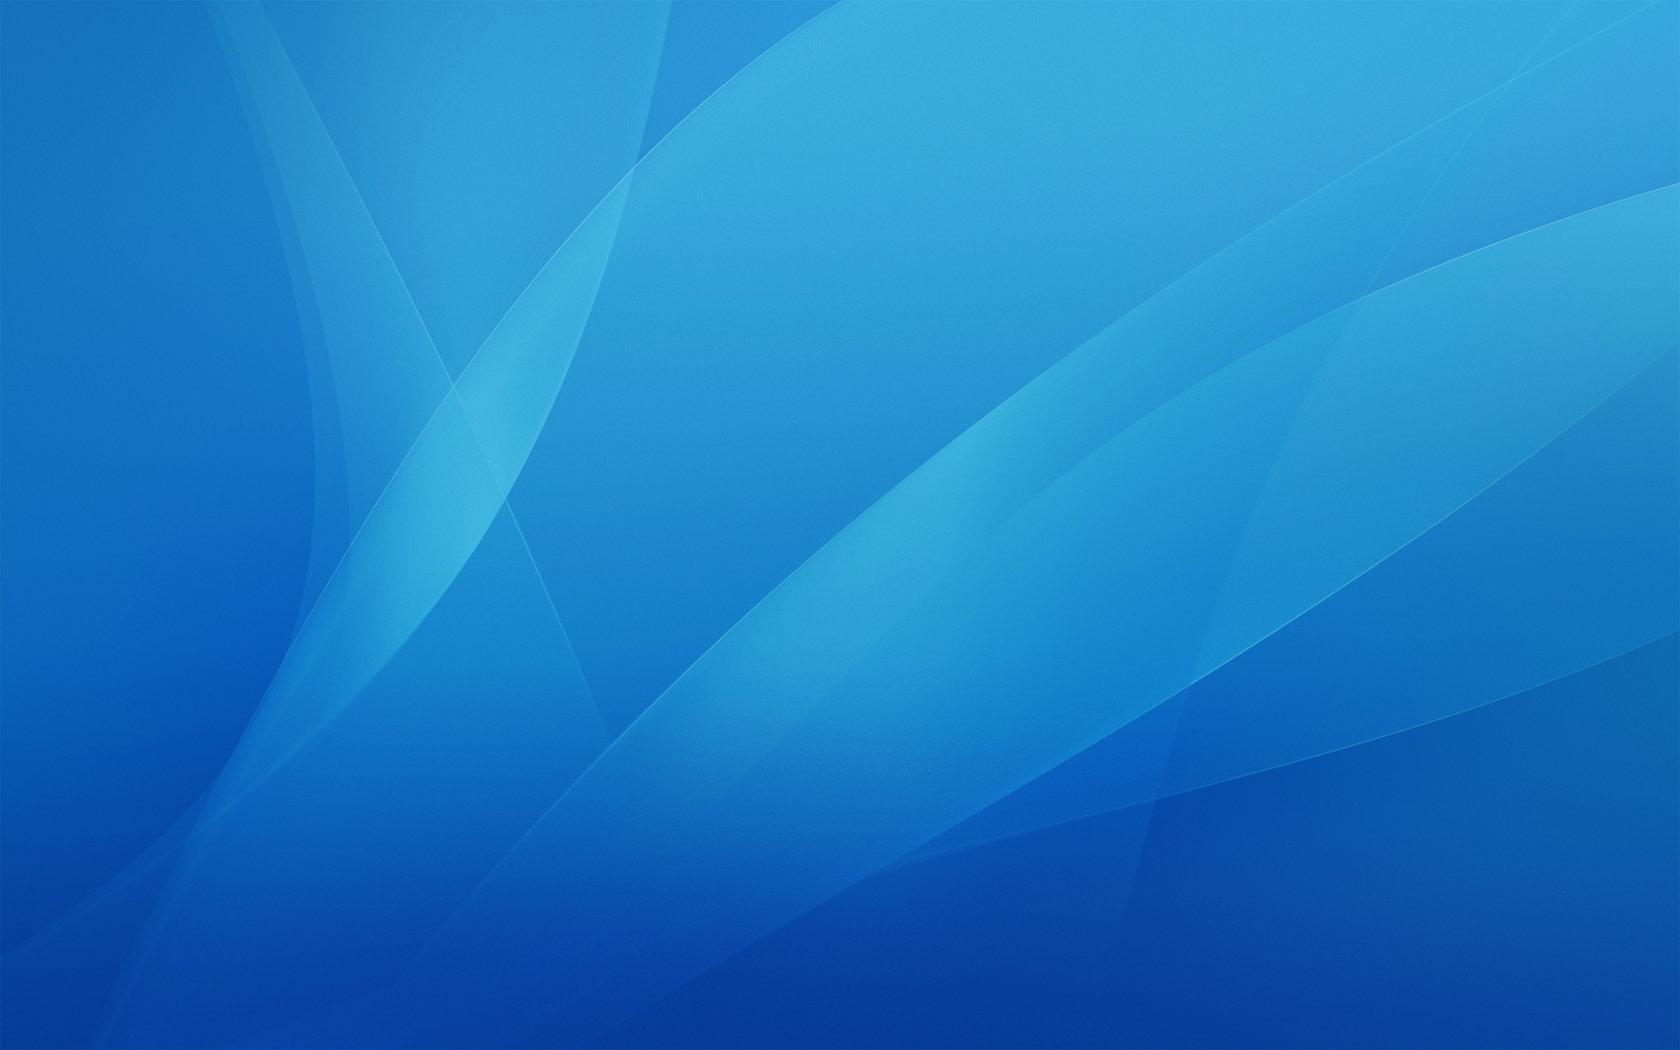 Blue Rose Wallpaper Light Blue Wallpaper 1680x1050